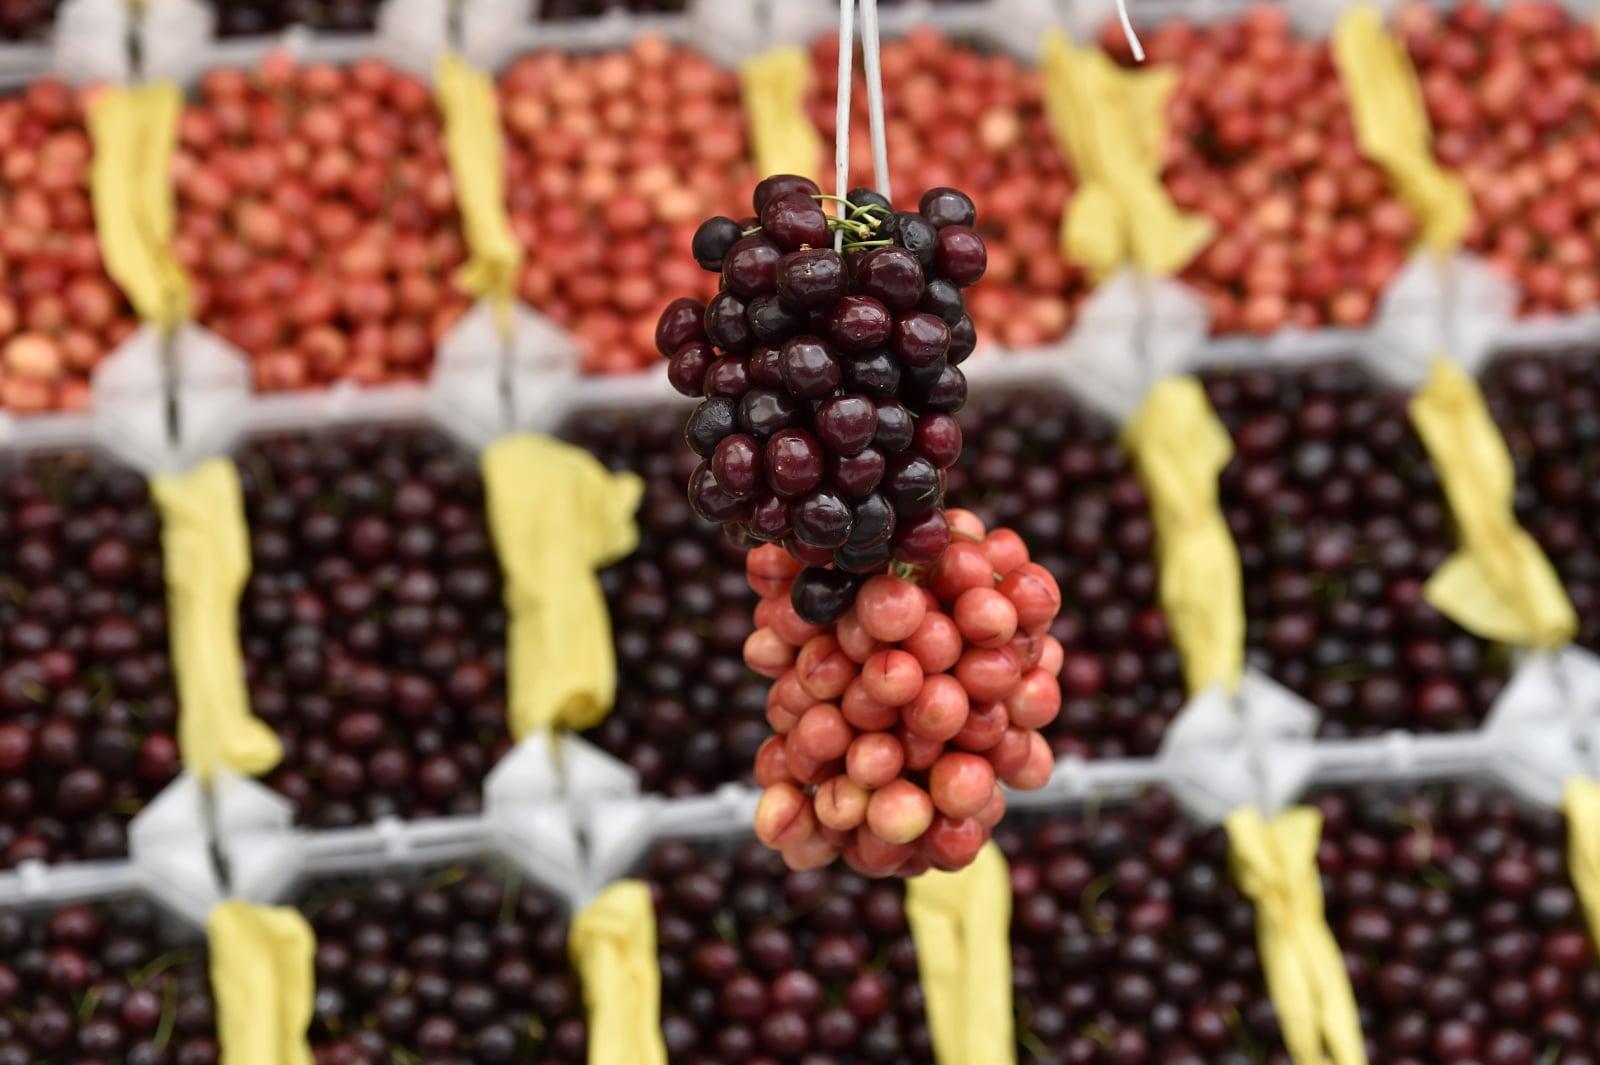 Tradycyjne wiśnie z Lebanonu EPA/WAEL HAMZEH Dostawca: PAP/EPA.